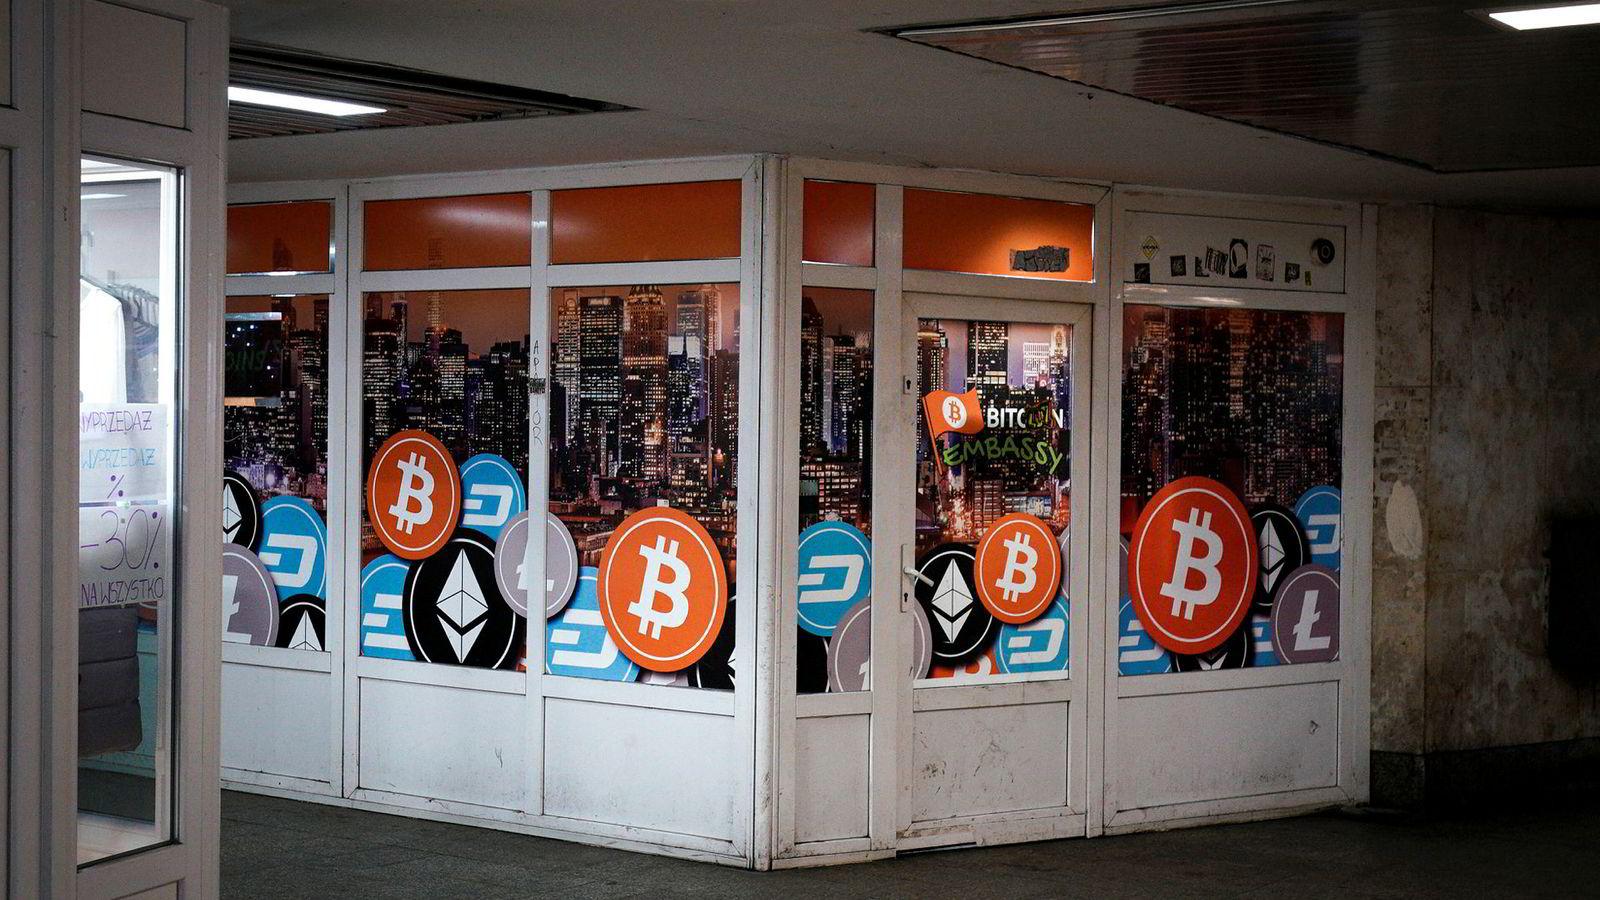 Vestlige land har slått hardt ned på bitcoin og andre kryptovalutaer. Her fra et vekslingskontor for kryptovaluta i Polen.